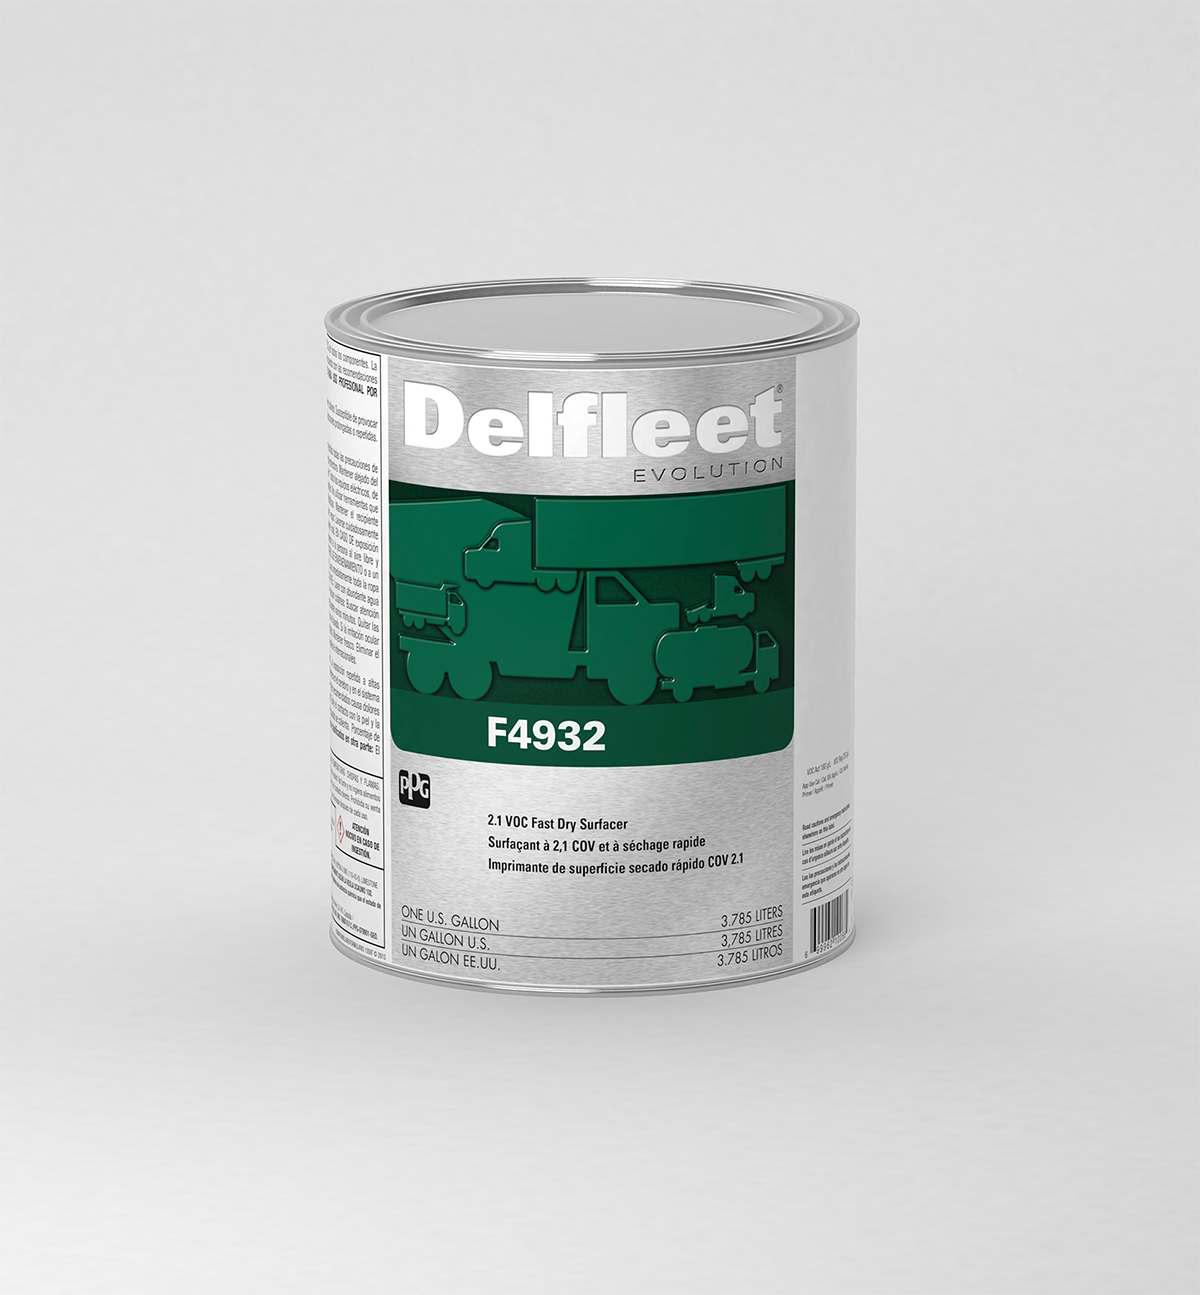 PPG Delfleet F4932 2.1 VOC Urethane Surfacer